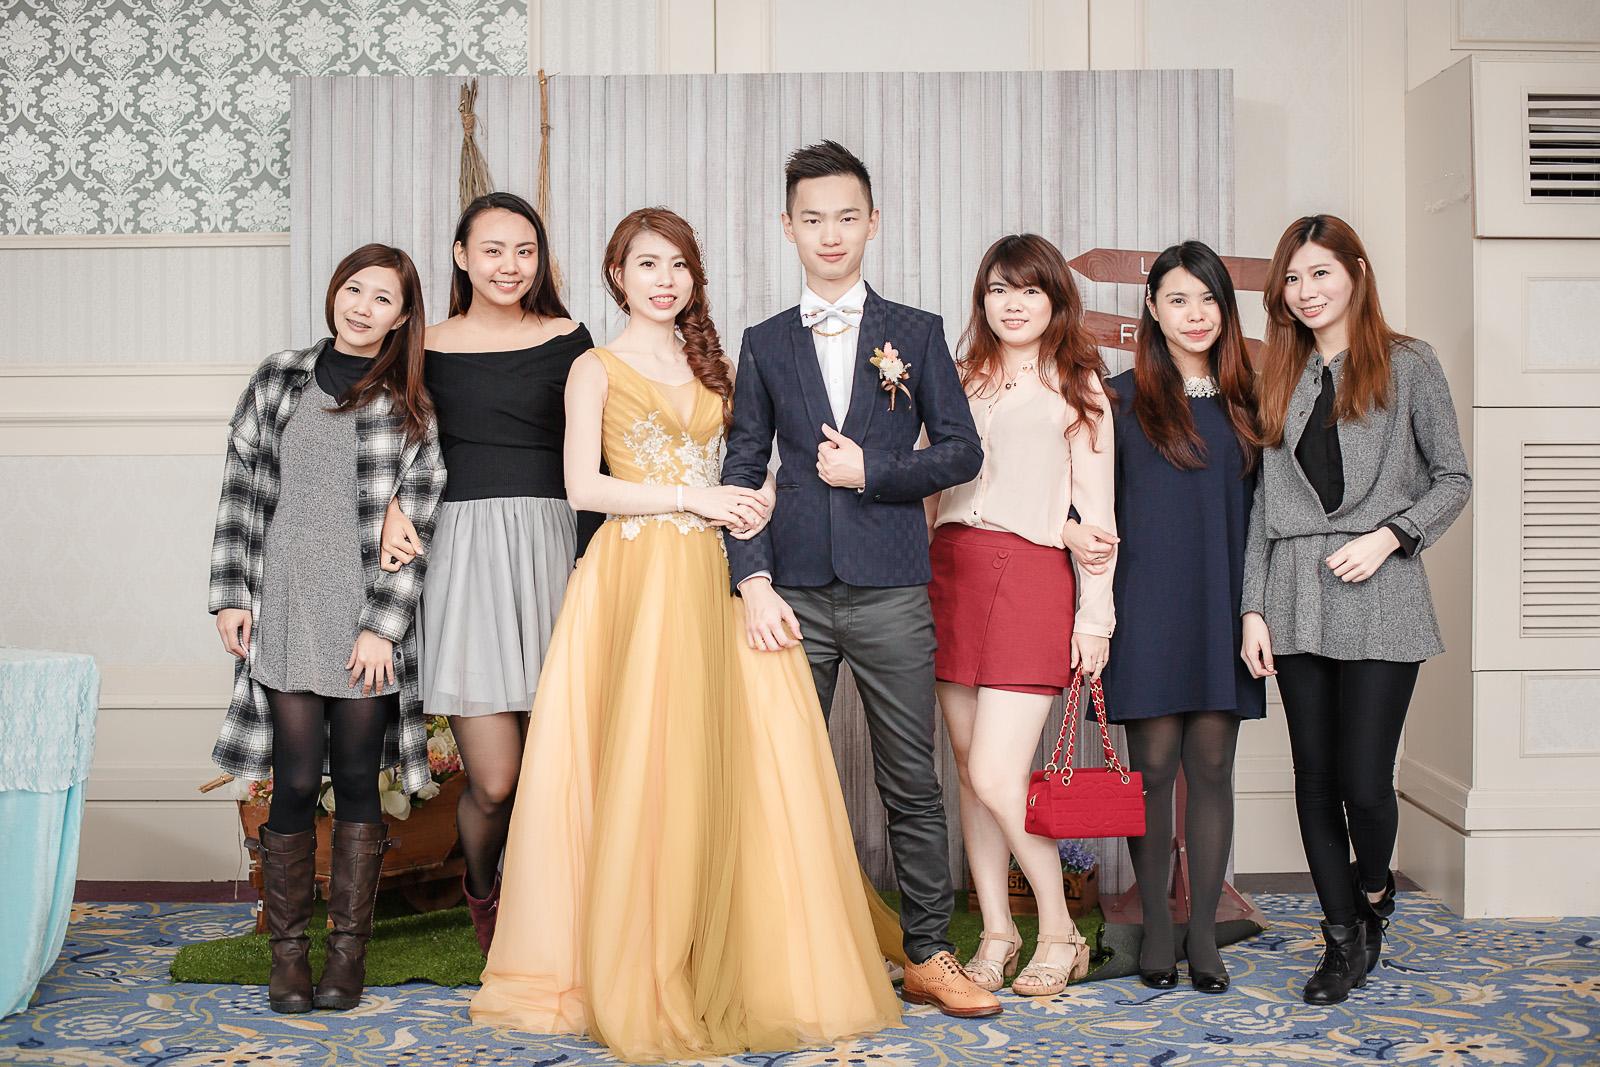 高雄圓山飯店,婚禮攝影,婚攝,高雄婚攝,優質婚攝推薦,Jen&Ethan-326